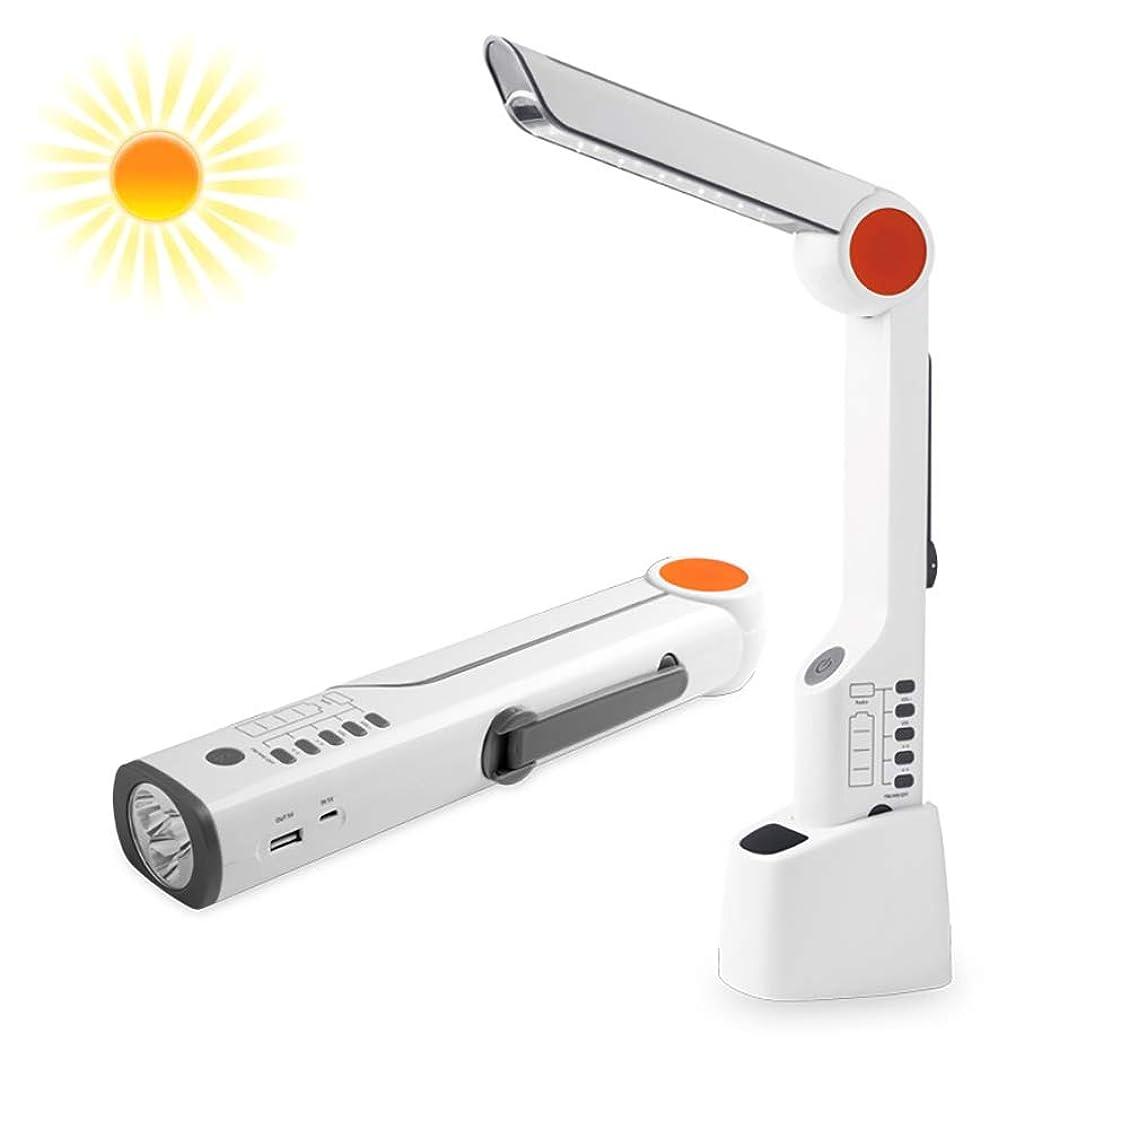 多機能太陽ハンドクランクFMラジオ、緊急LED懐中電灯充電式USB点滅アラームモバイル電源、旅行のための、キャンプ